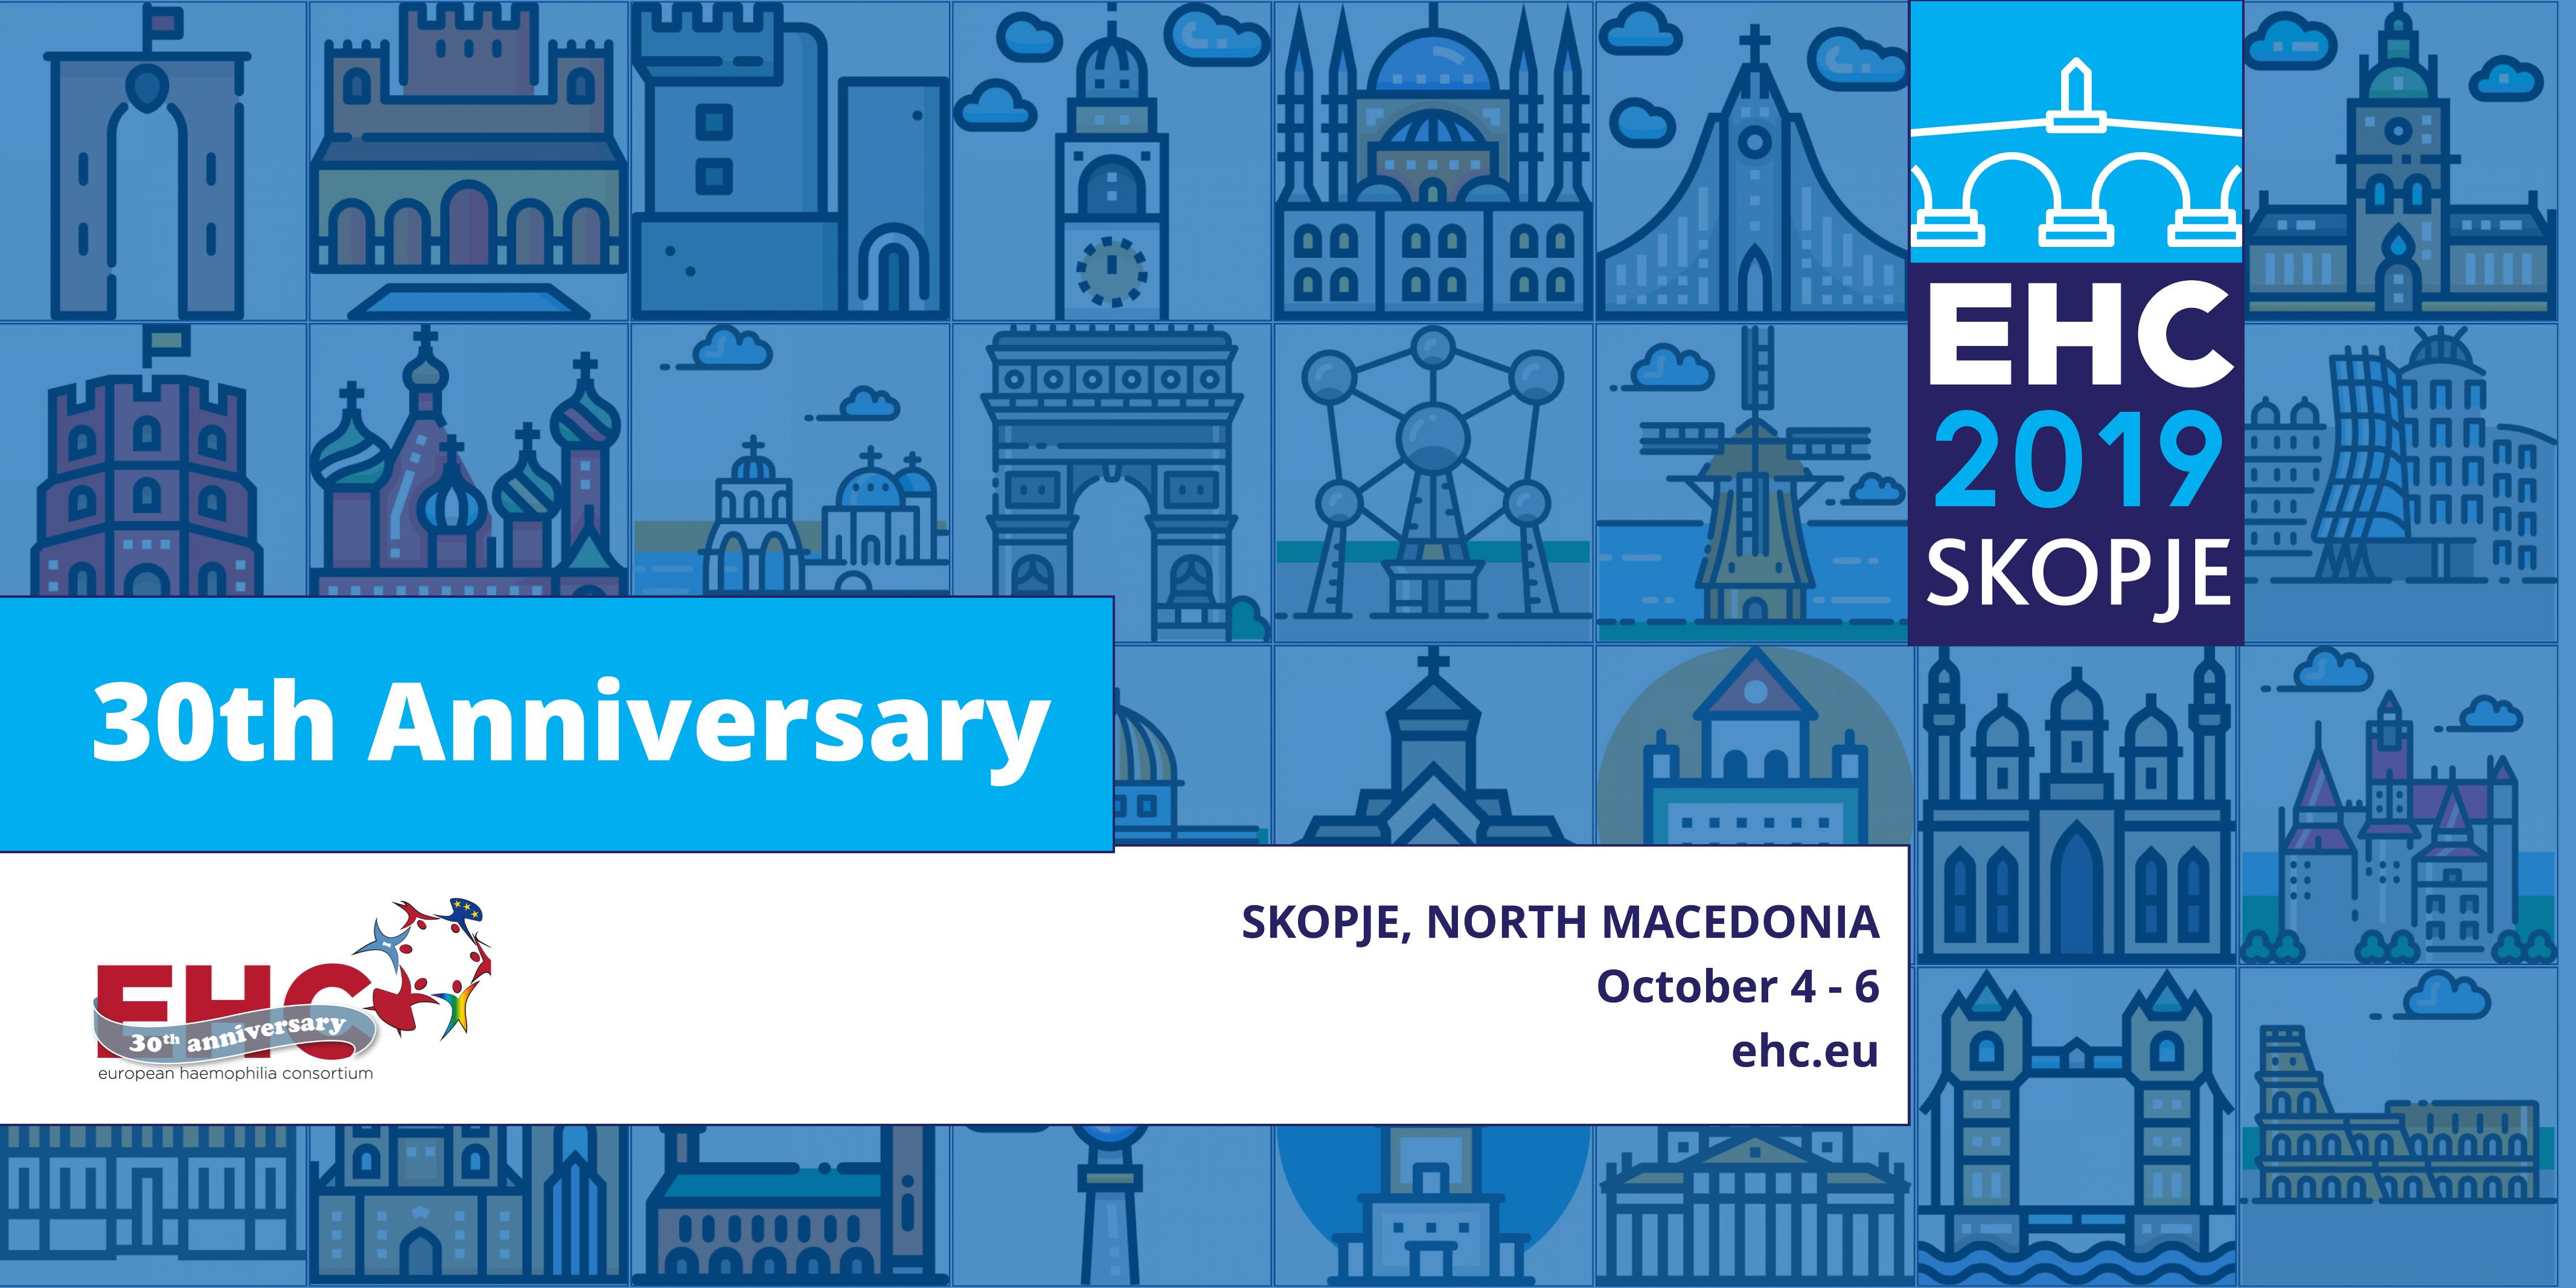 2019 EHC Conference | EHC - European Haemophilia Consortium